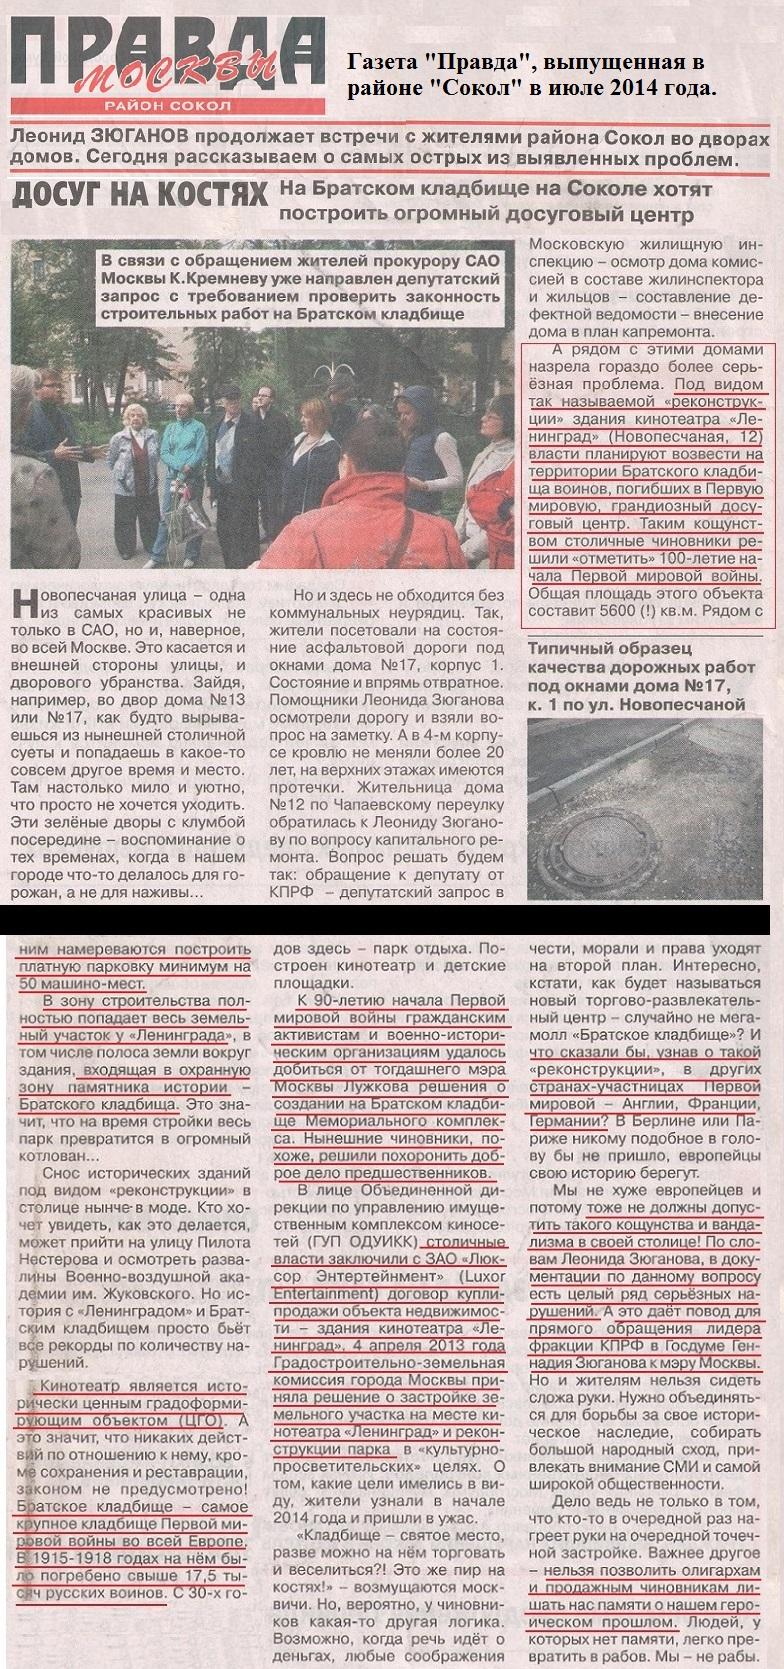 Фракция КПРФ и Комитет Госдумы по обороне заступились за Мемориальный парк героев Первой мировой. 0_19b02e_12126e67_orig